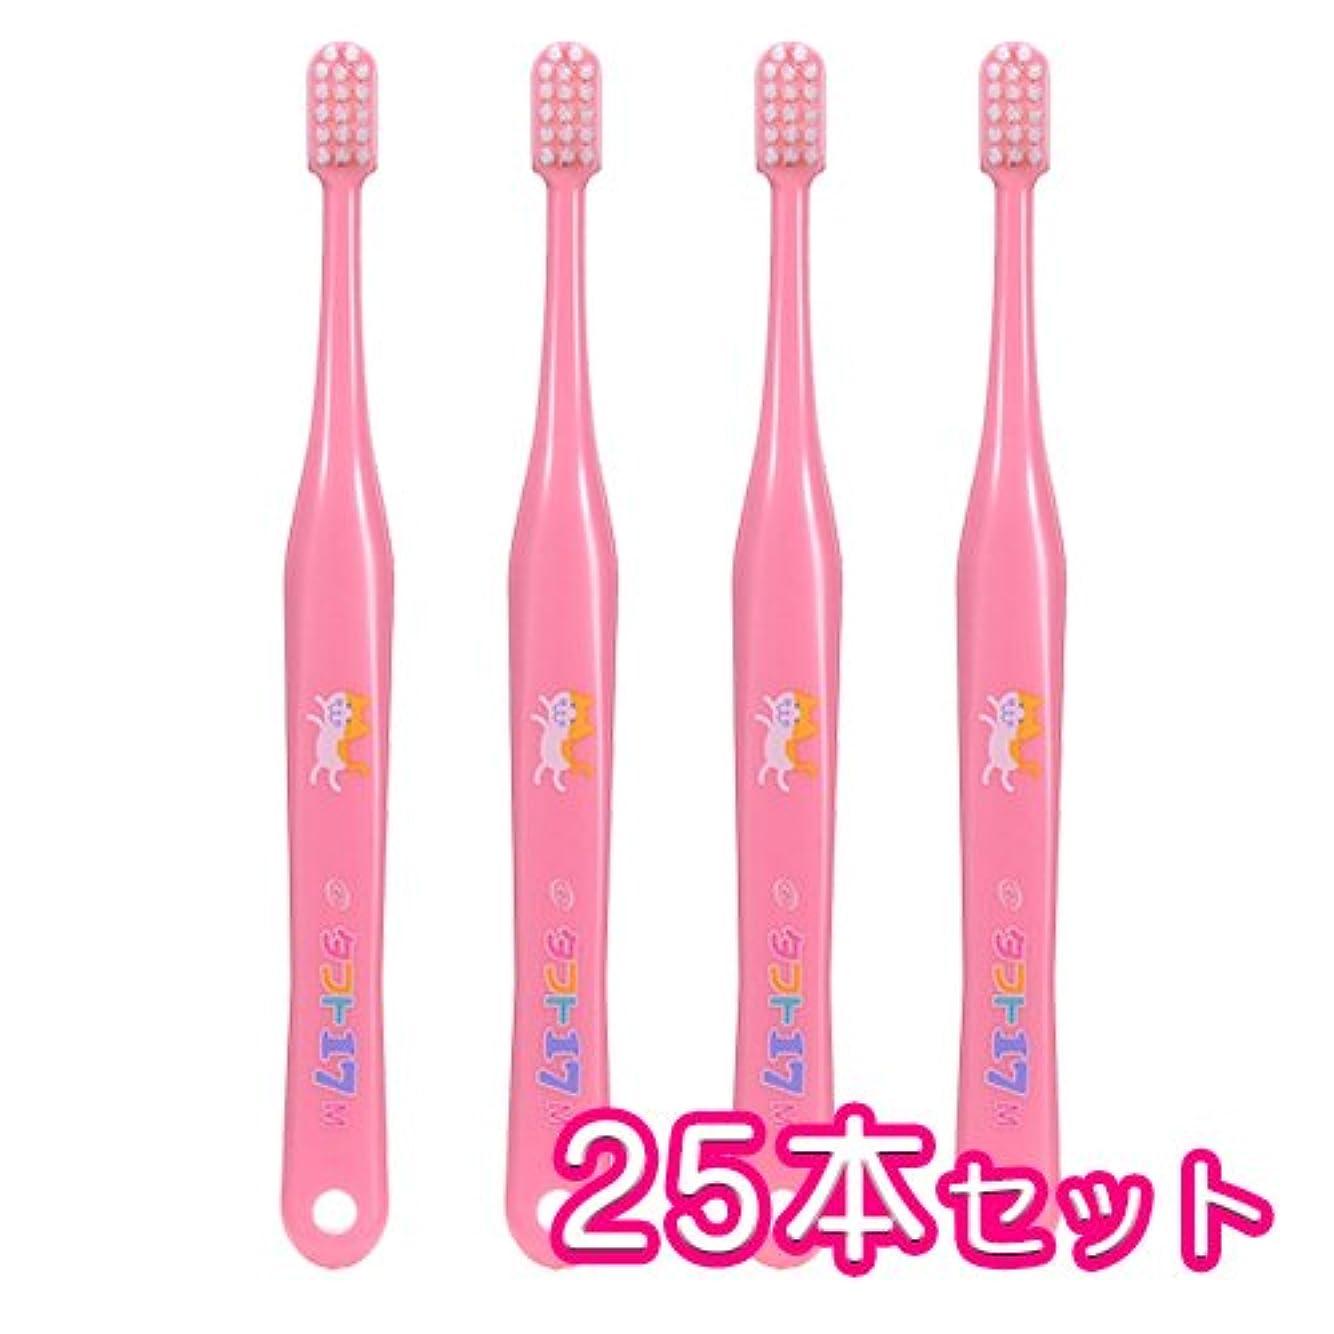 ファイターばかげていると組むオーラルケア タフト17 歯ブラシ ミディアム 25本入 M ピンク